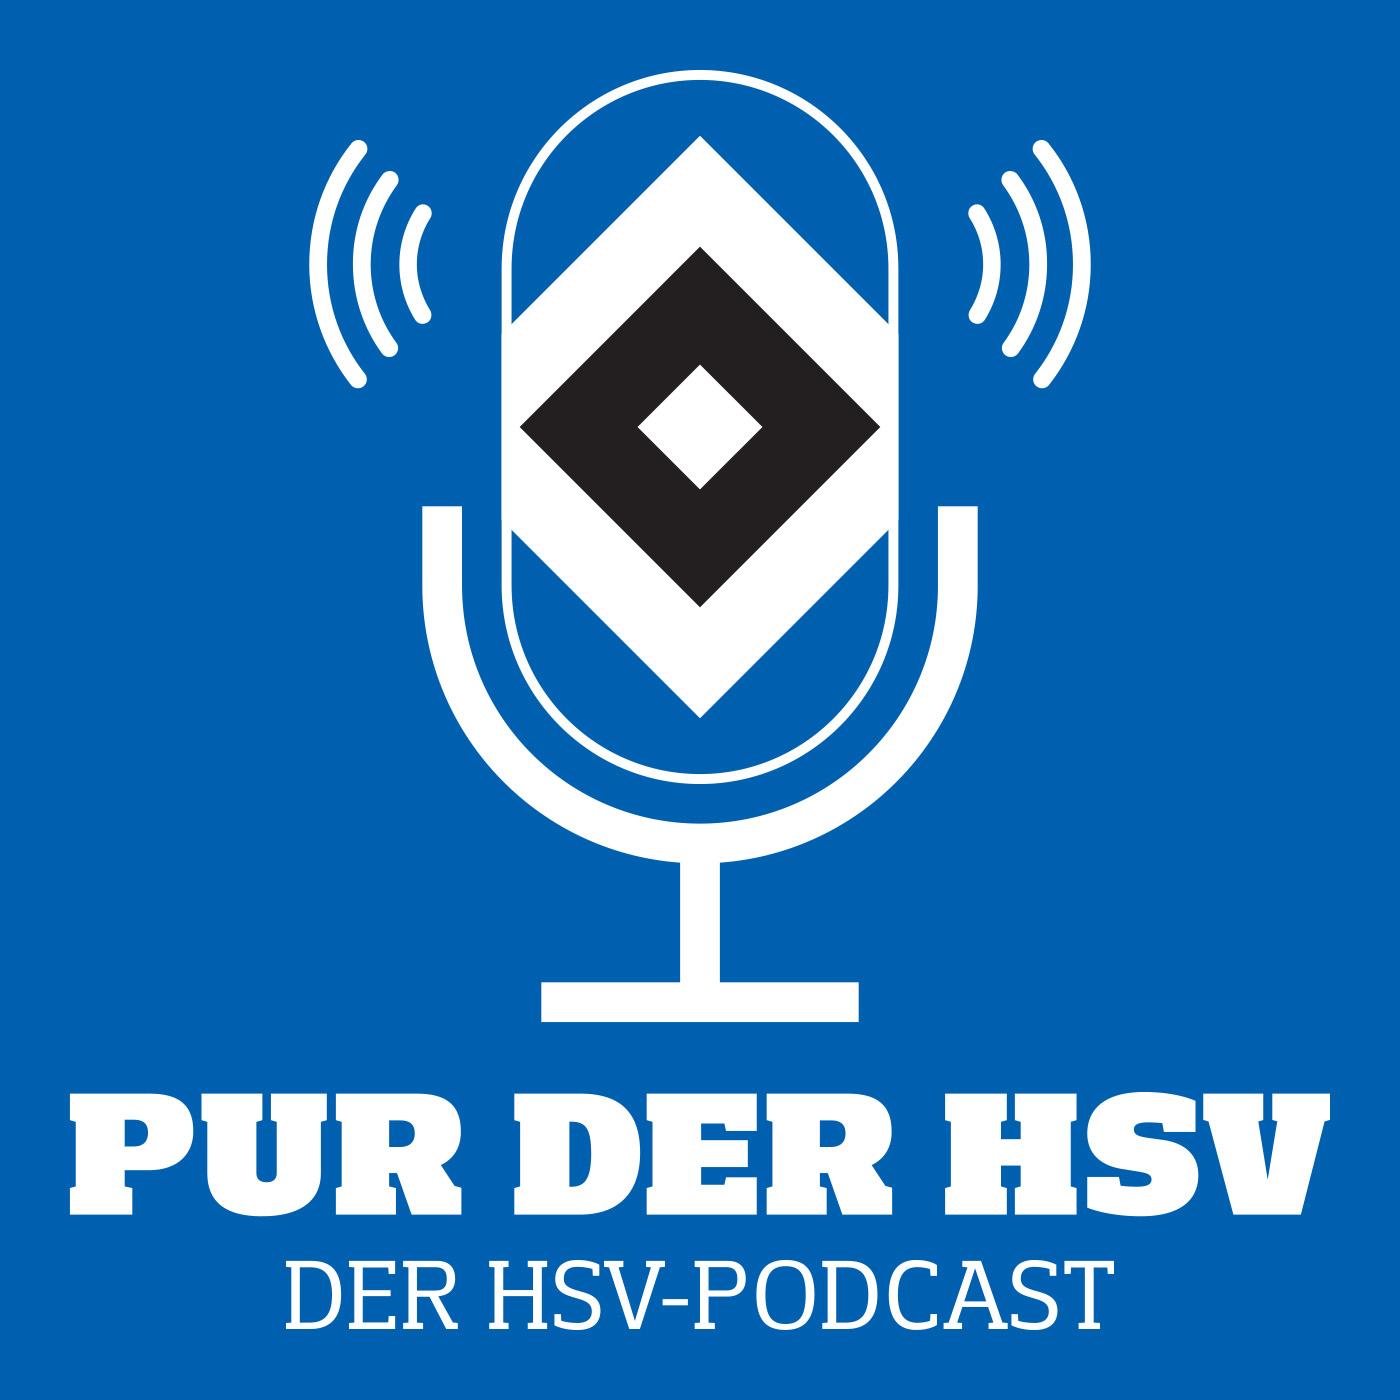 PUR DER HSV - der HSV-Podcast | #10 | SONNY KITTEL